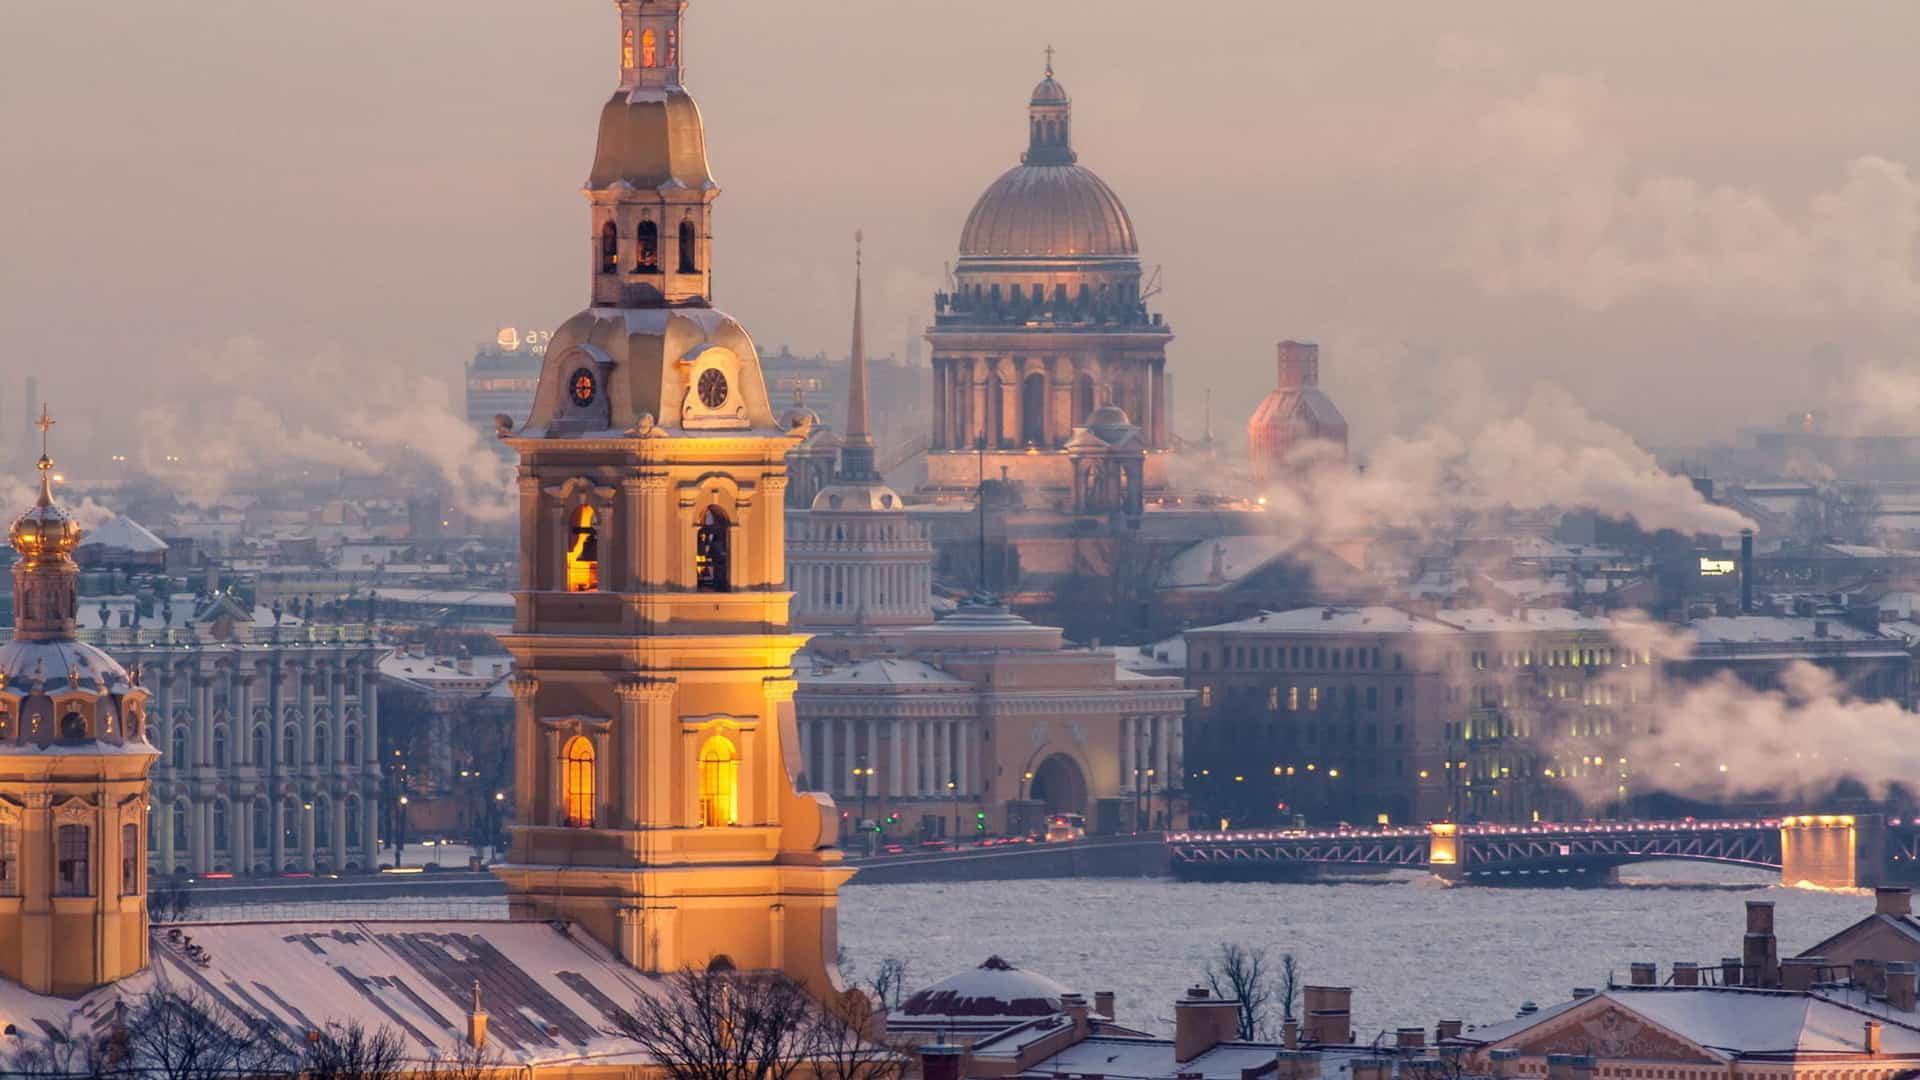 Москва - популярнее Парижа Москва – популярнее Парижа 3 1